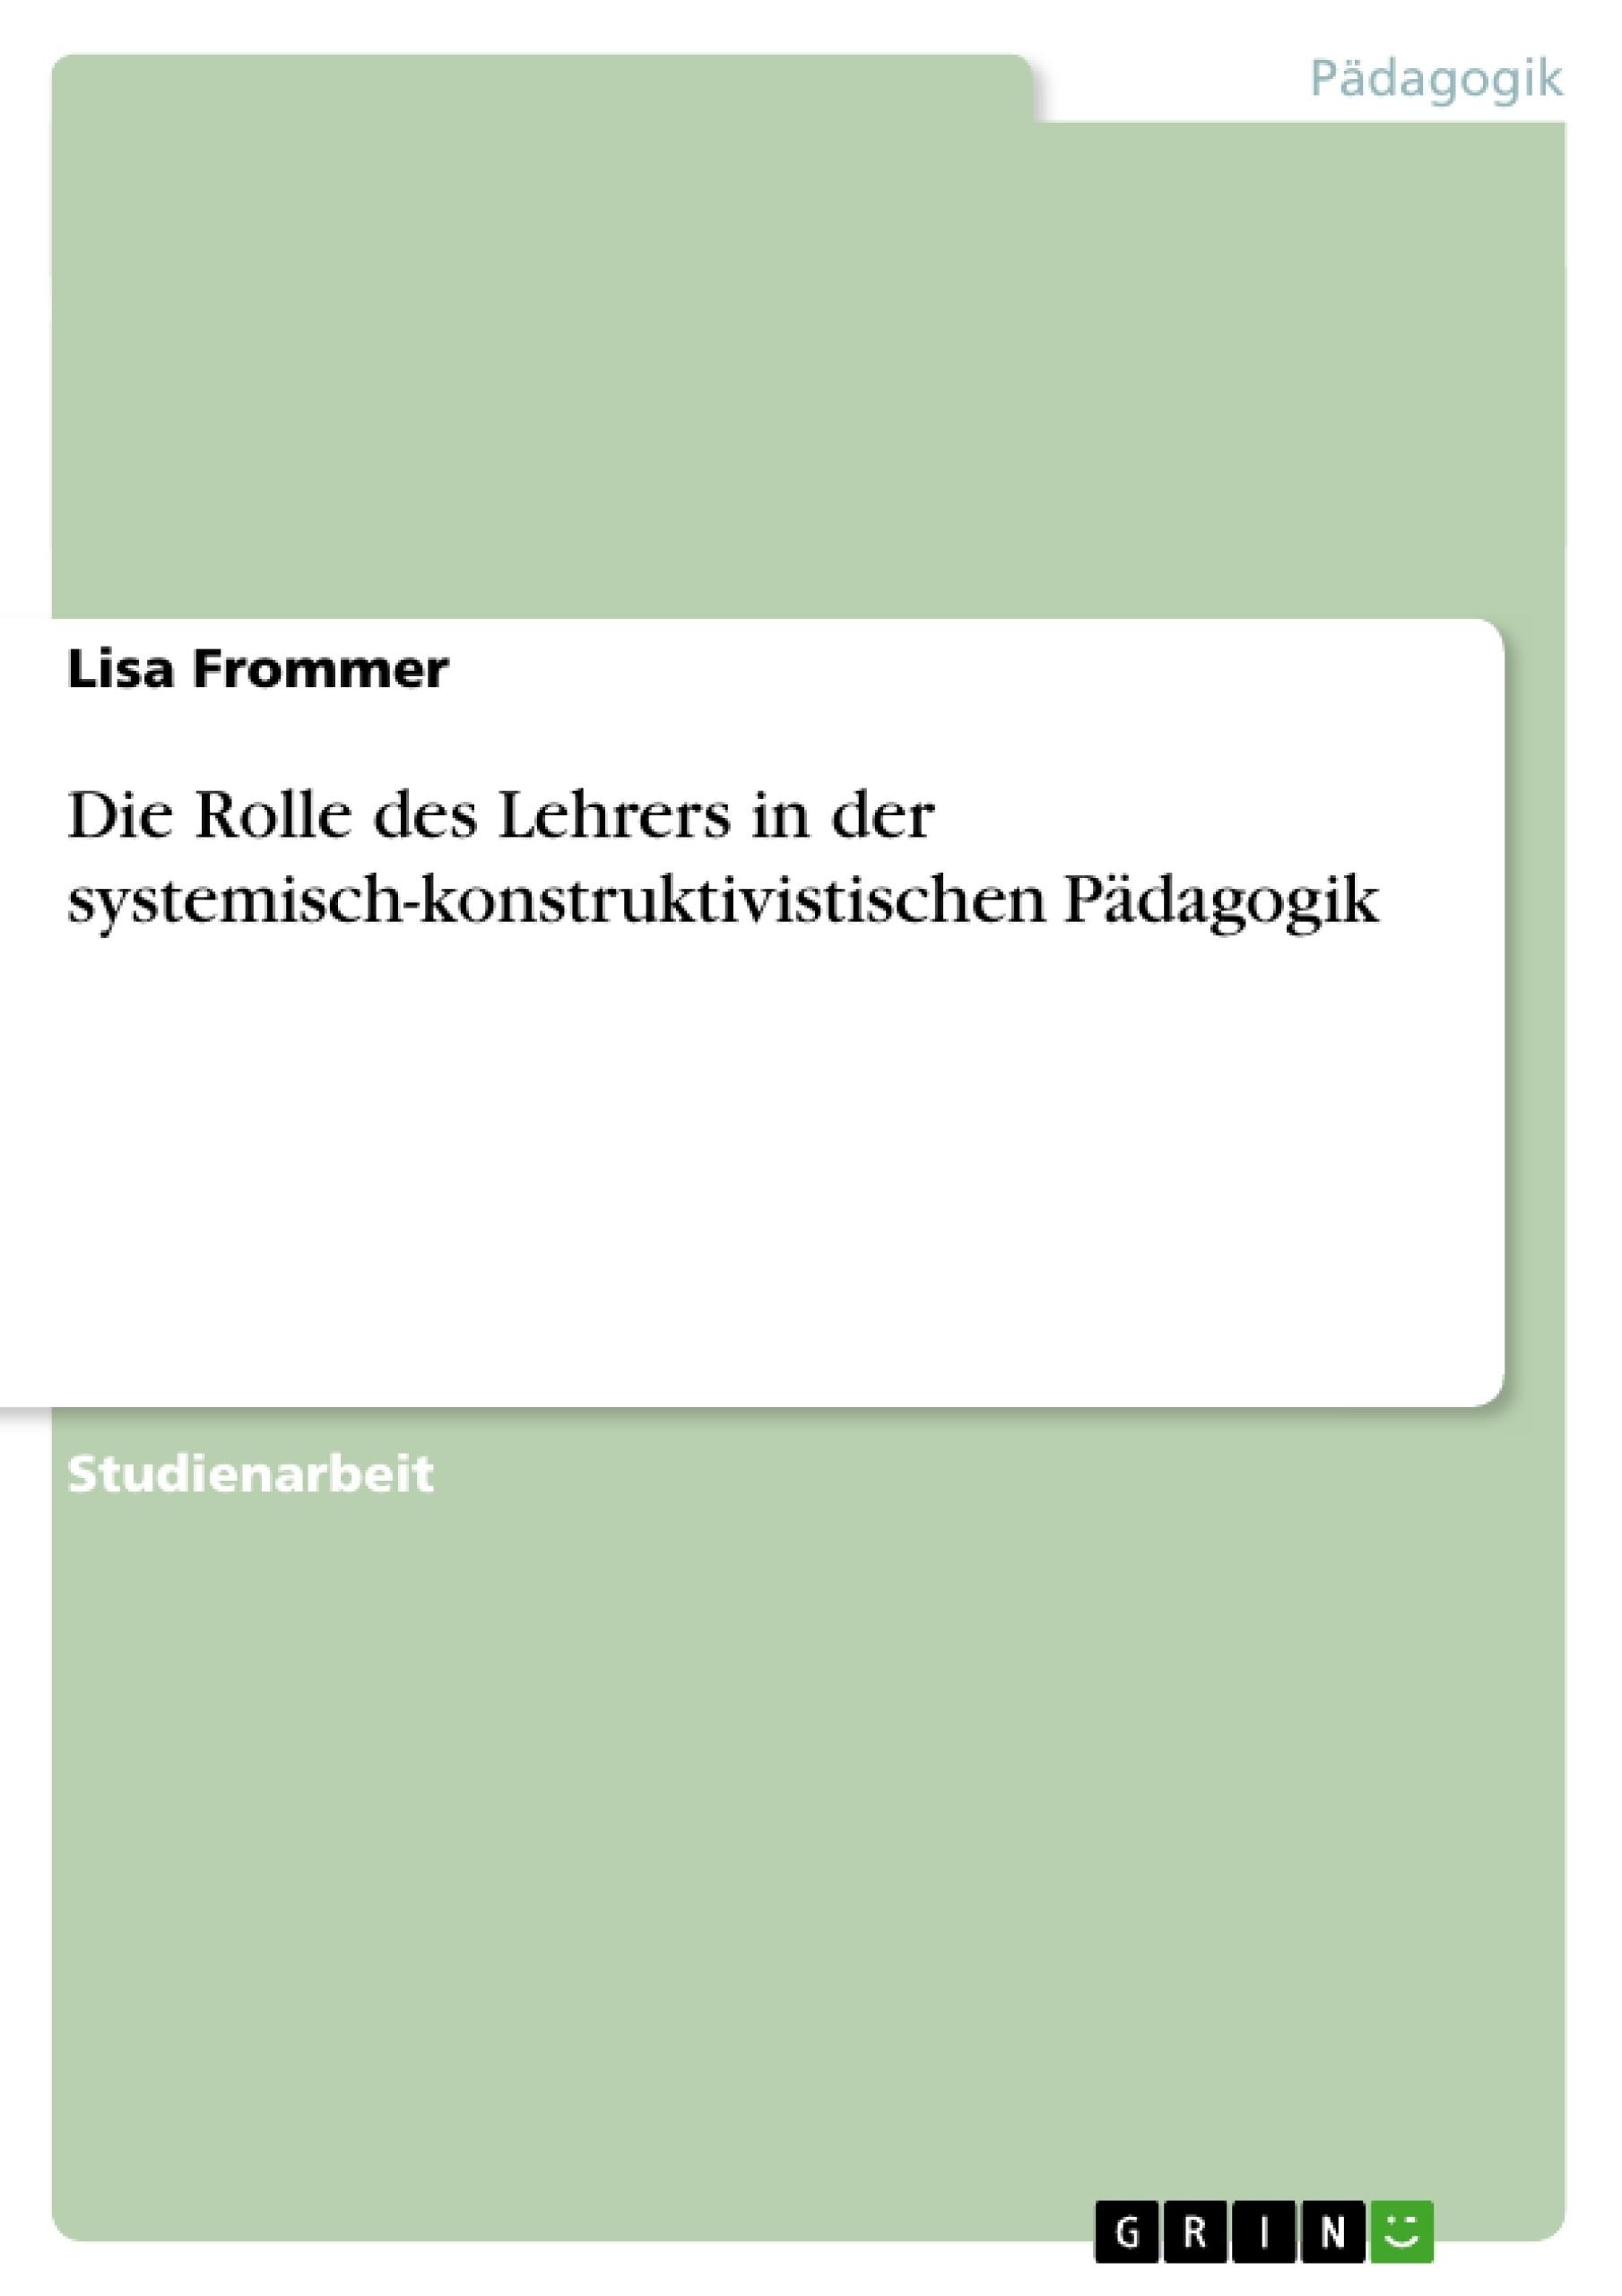 Titel: Die Rolle des Lehrers in der systemisch-konstruktivistischen Pädagogik